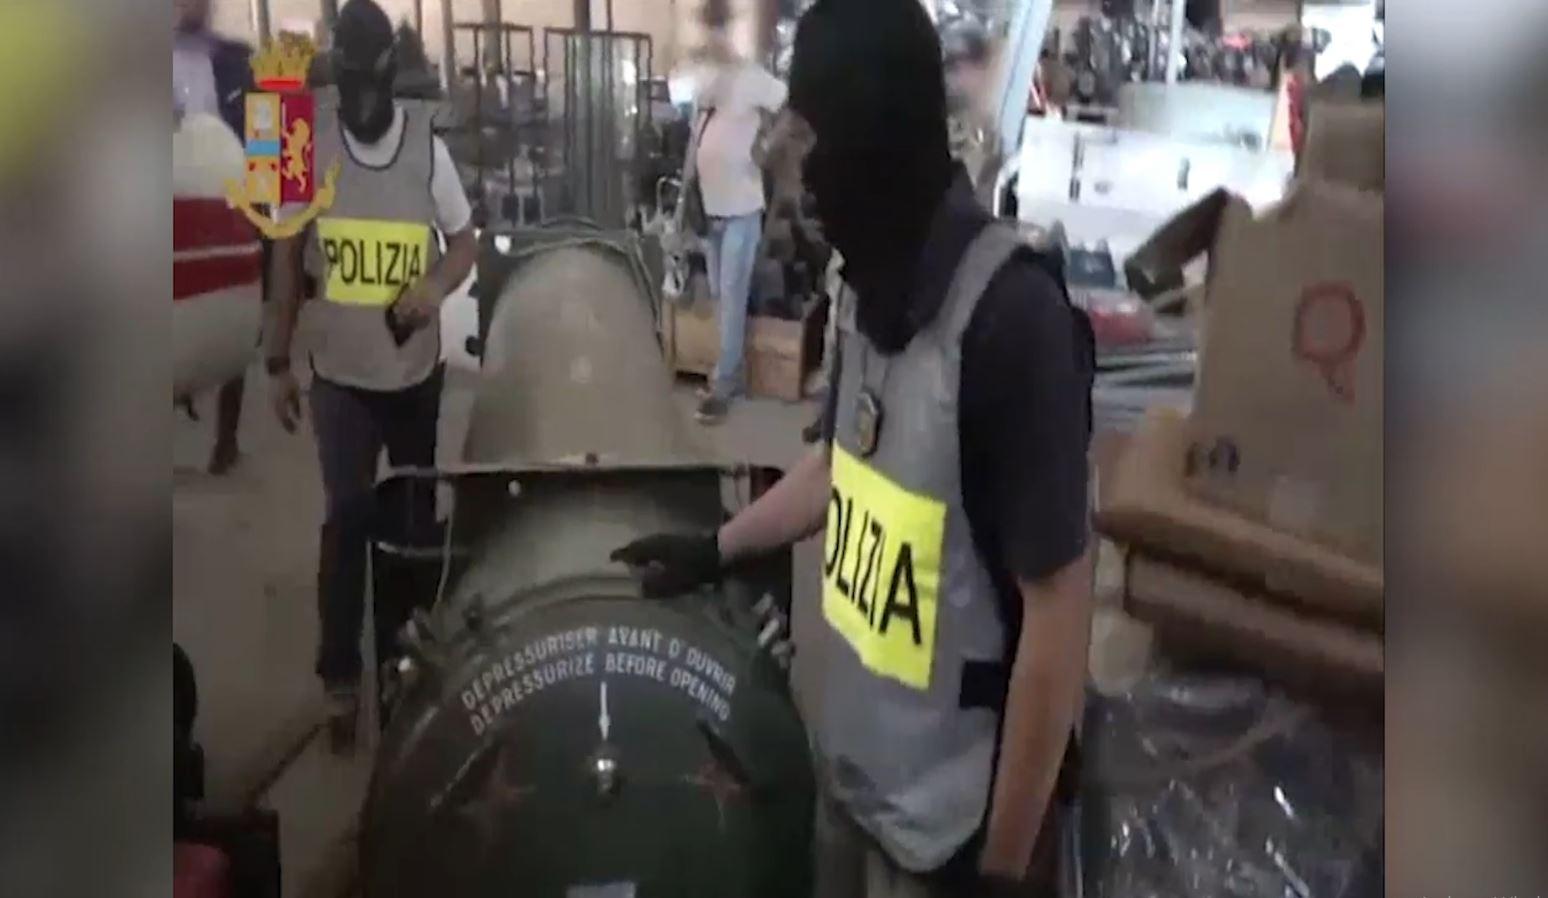 Raketa dhe armë në Itali, 3 të arrestuar